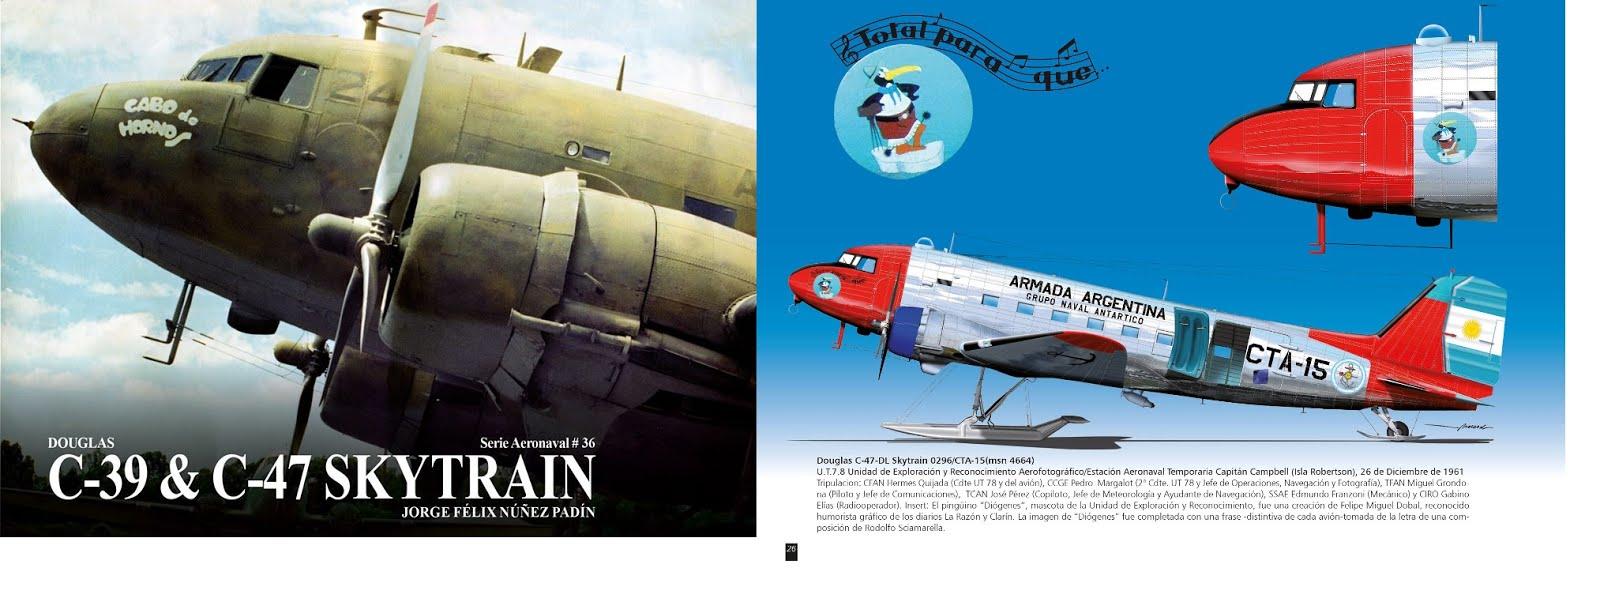 Serie Aeronaval Nº 36